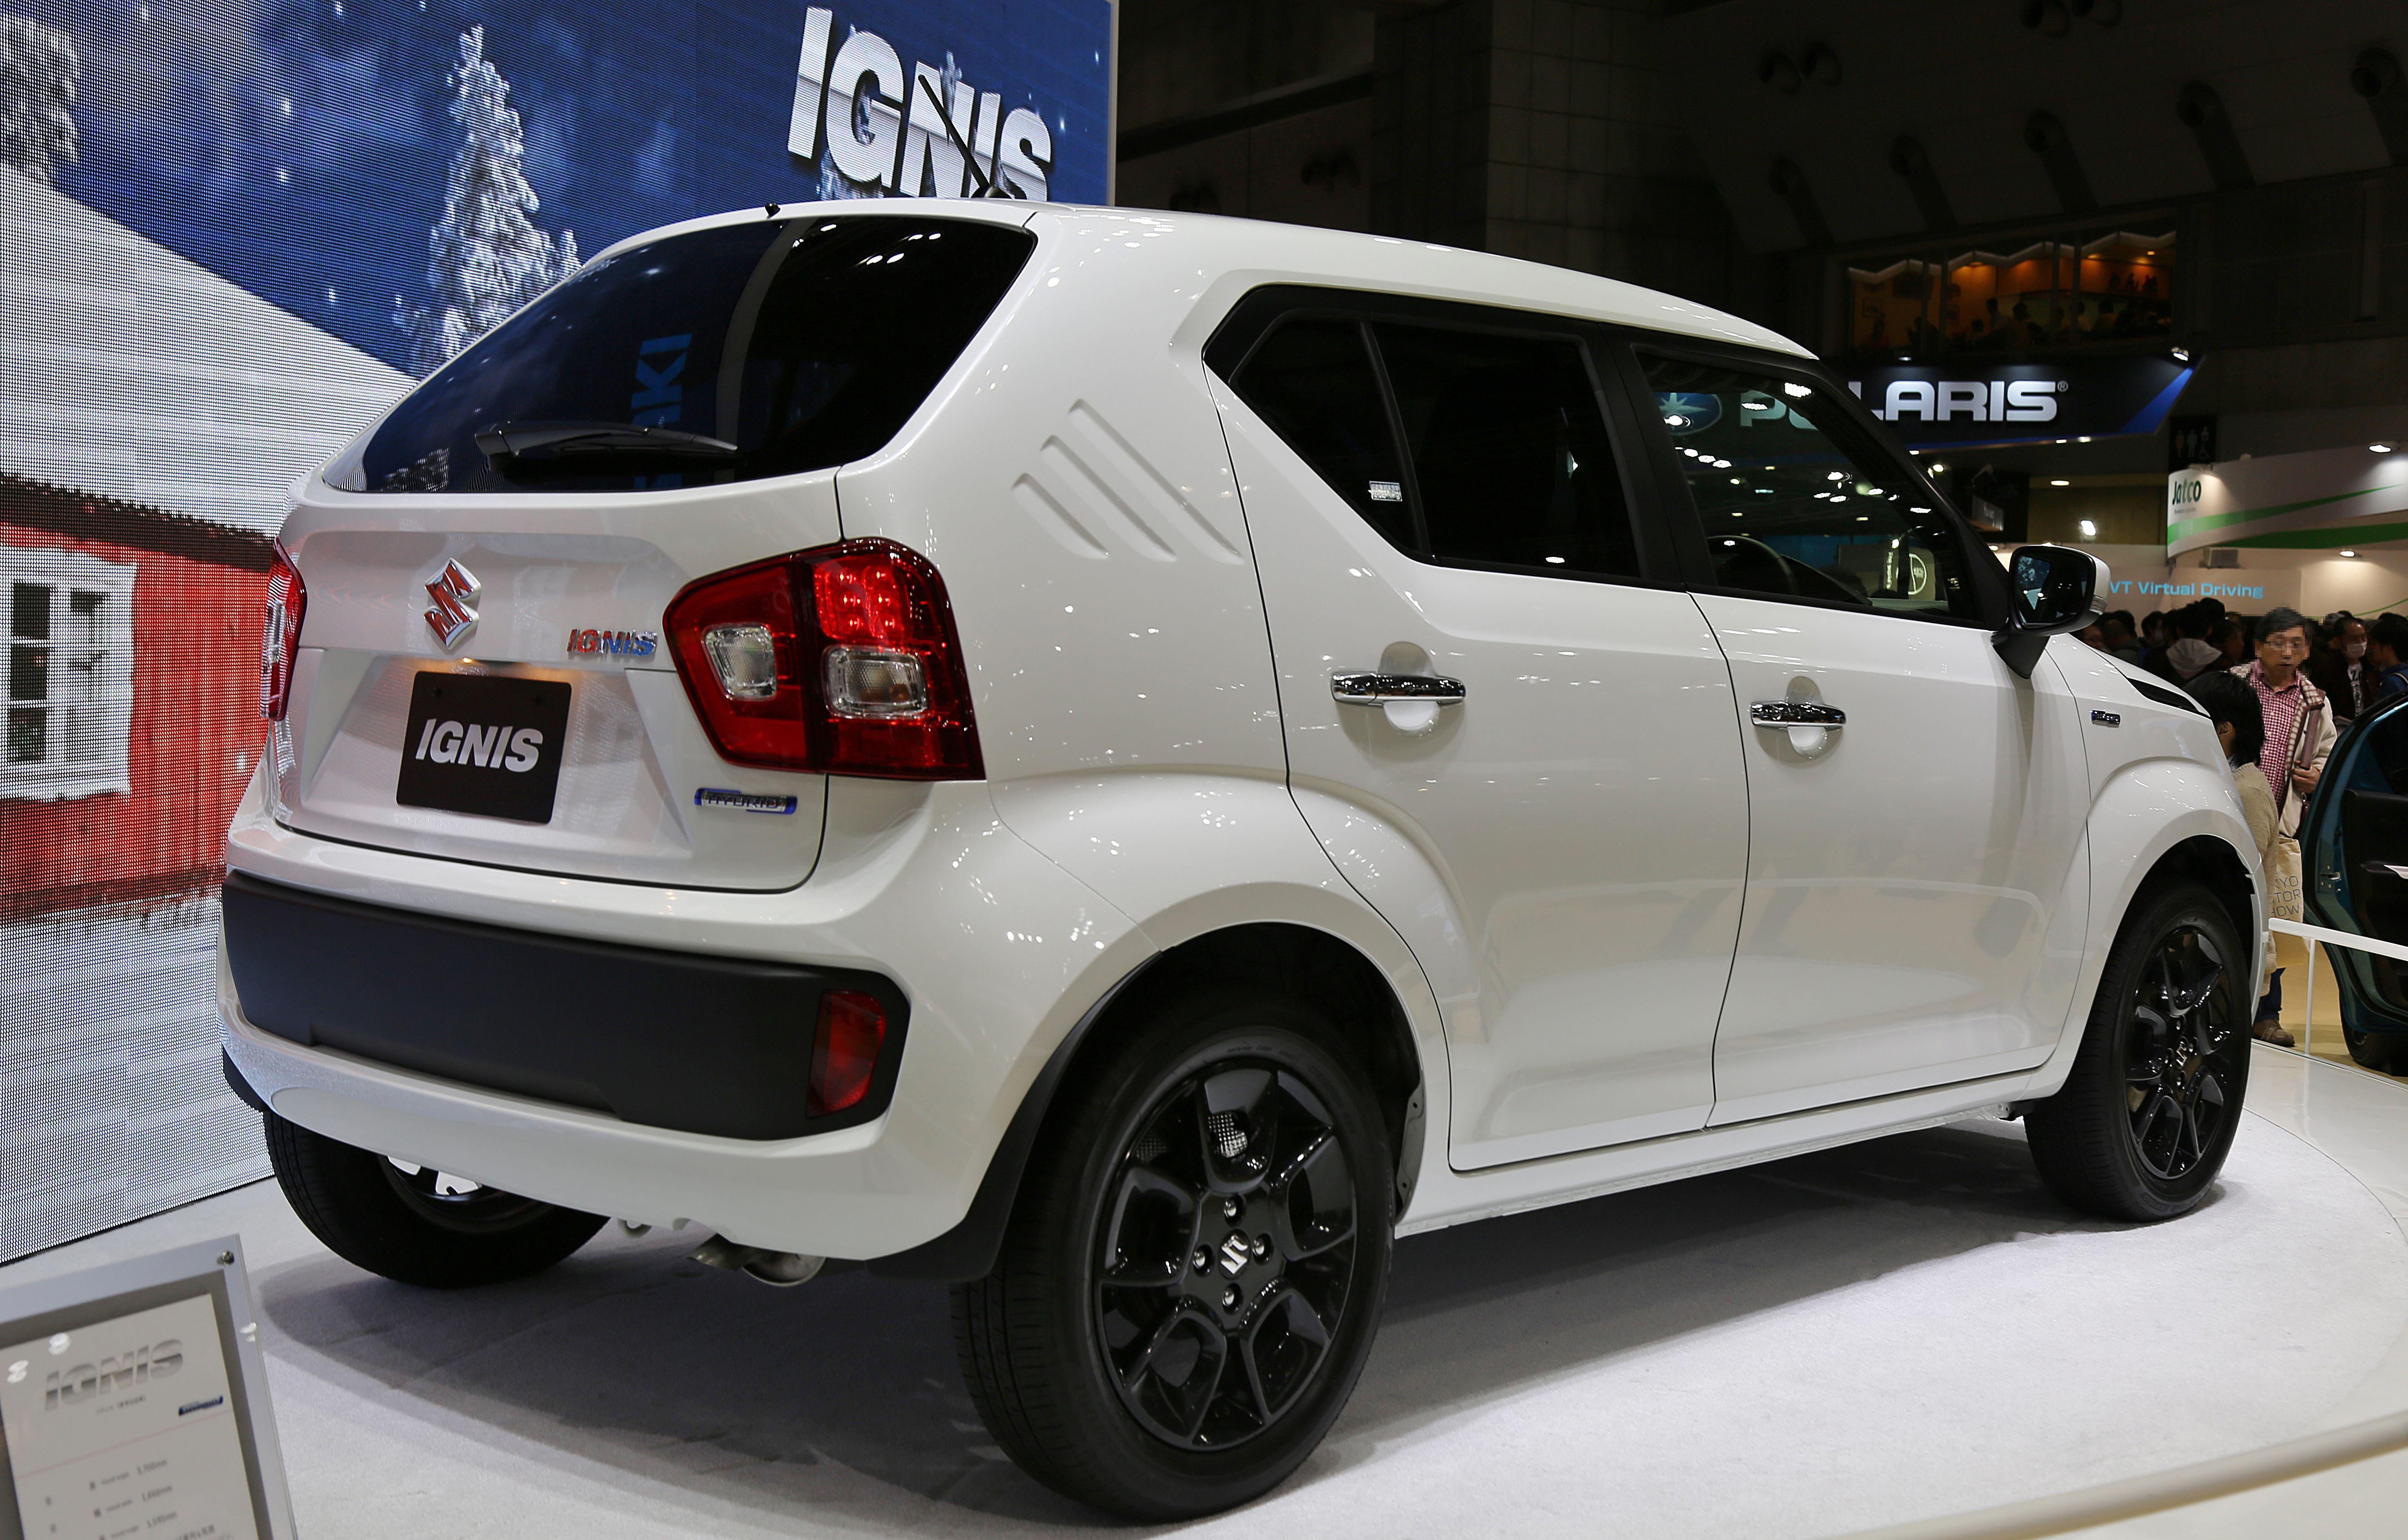 File2015 Suzuki Ignis Rear